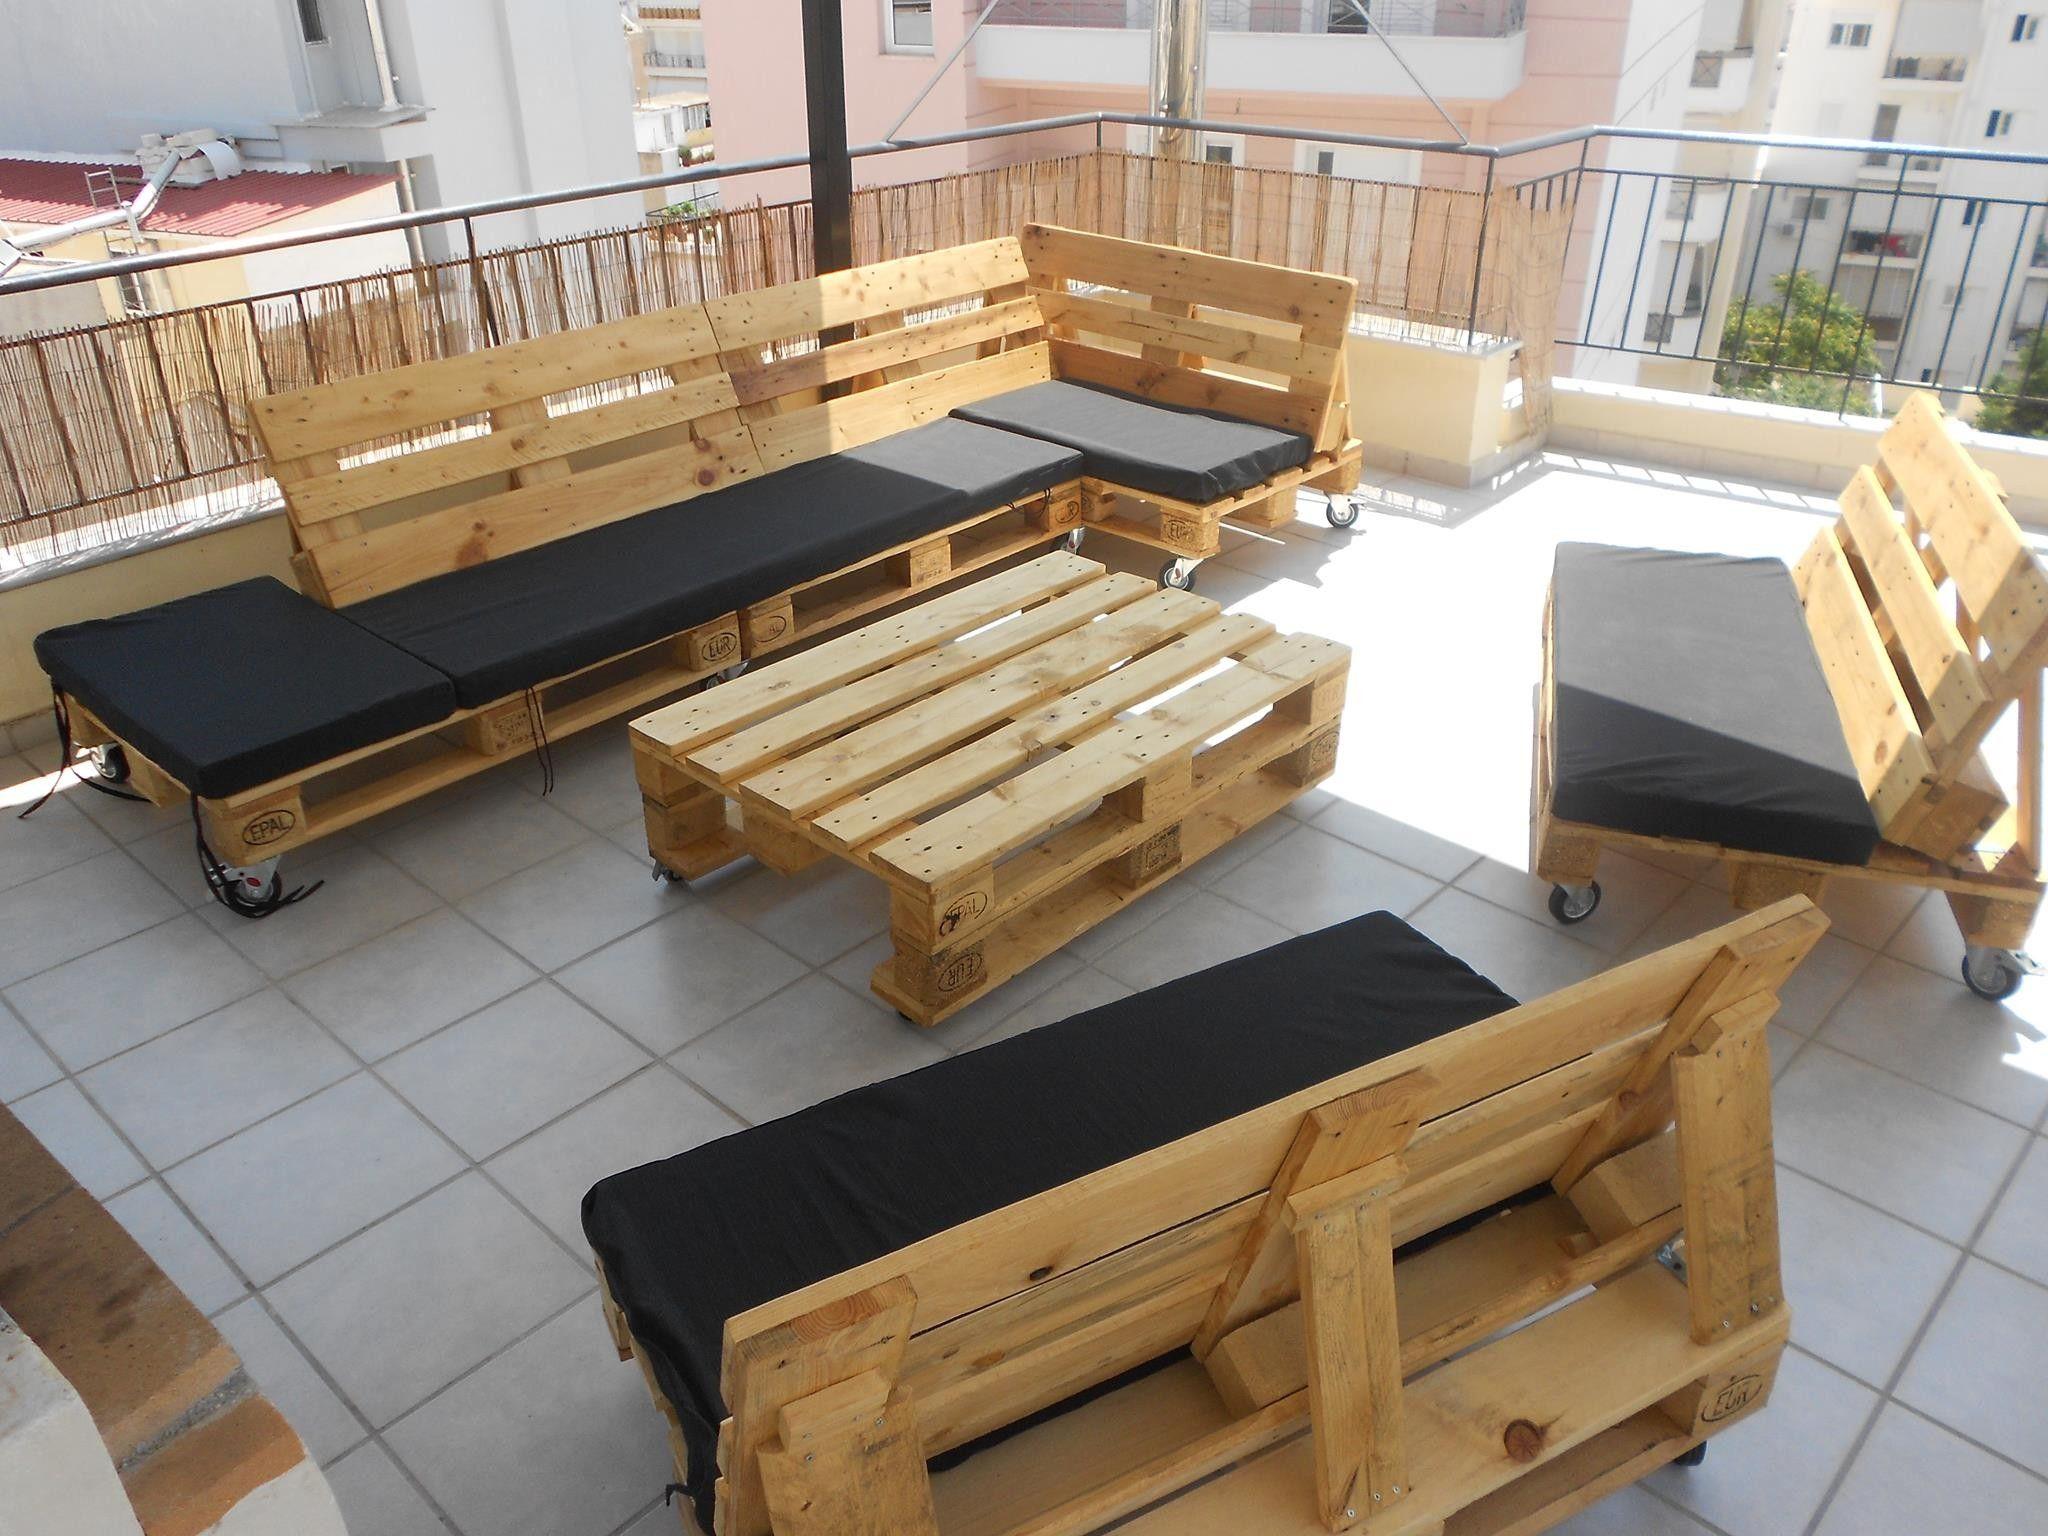 Cool Outdoor Furniture. Cool Outdoor Furniture Ideas - Brint.co